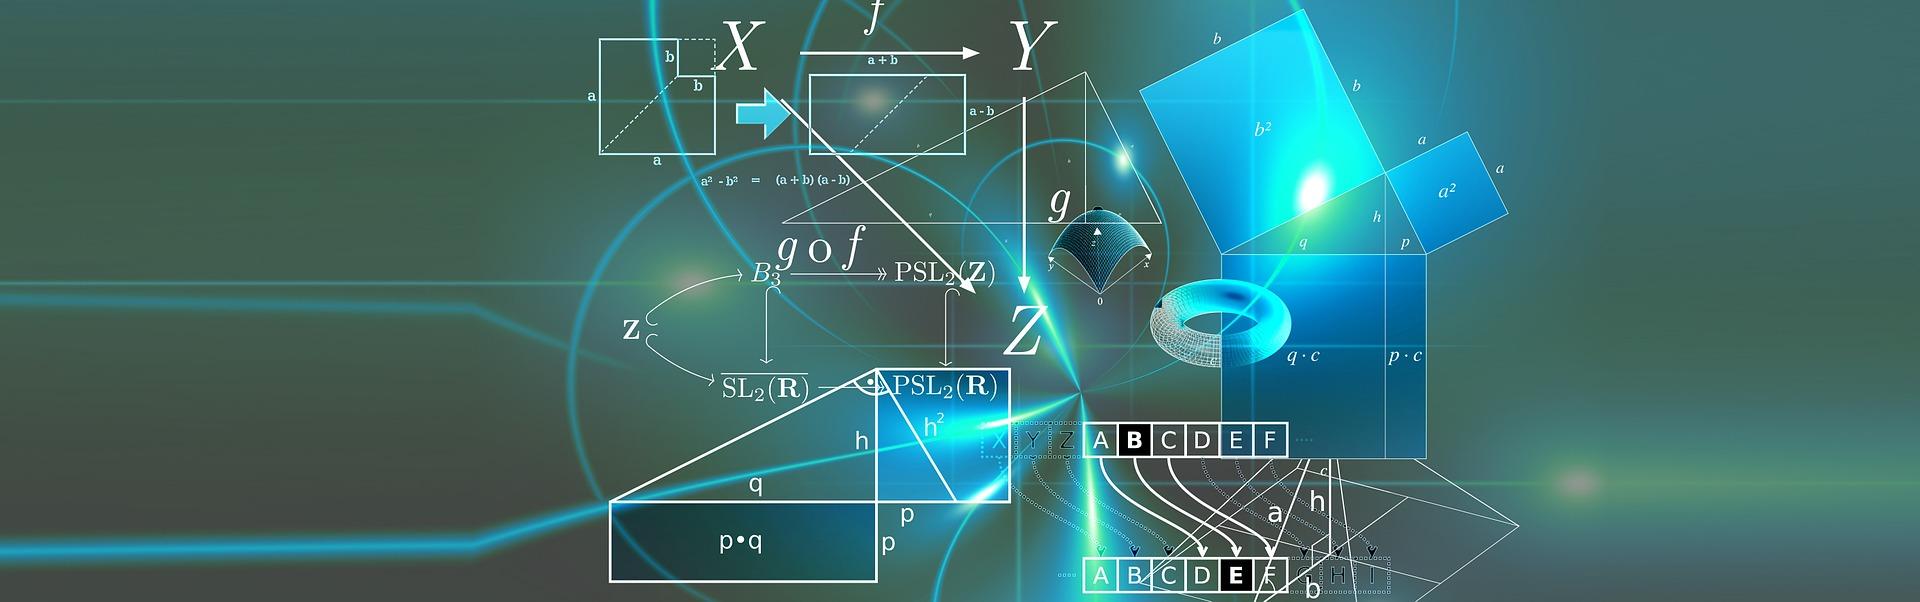 una imagen en la que hay distintas fórmulas, esquemas...